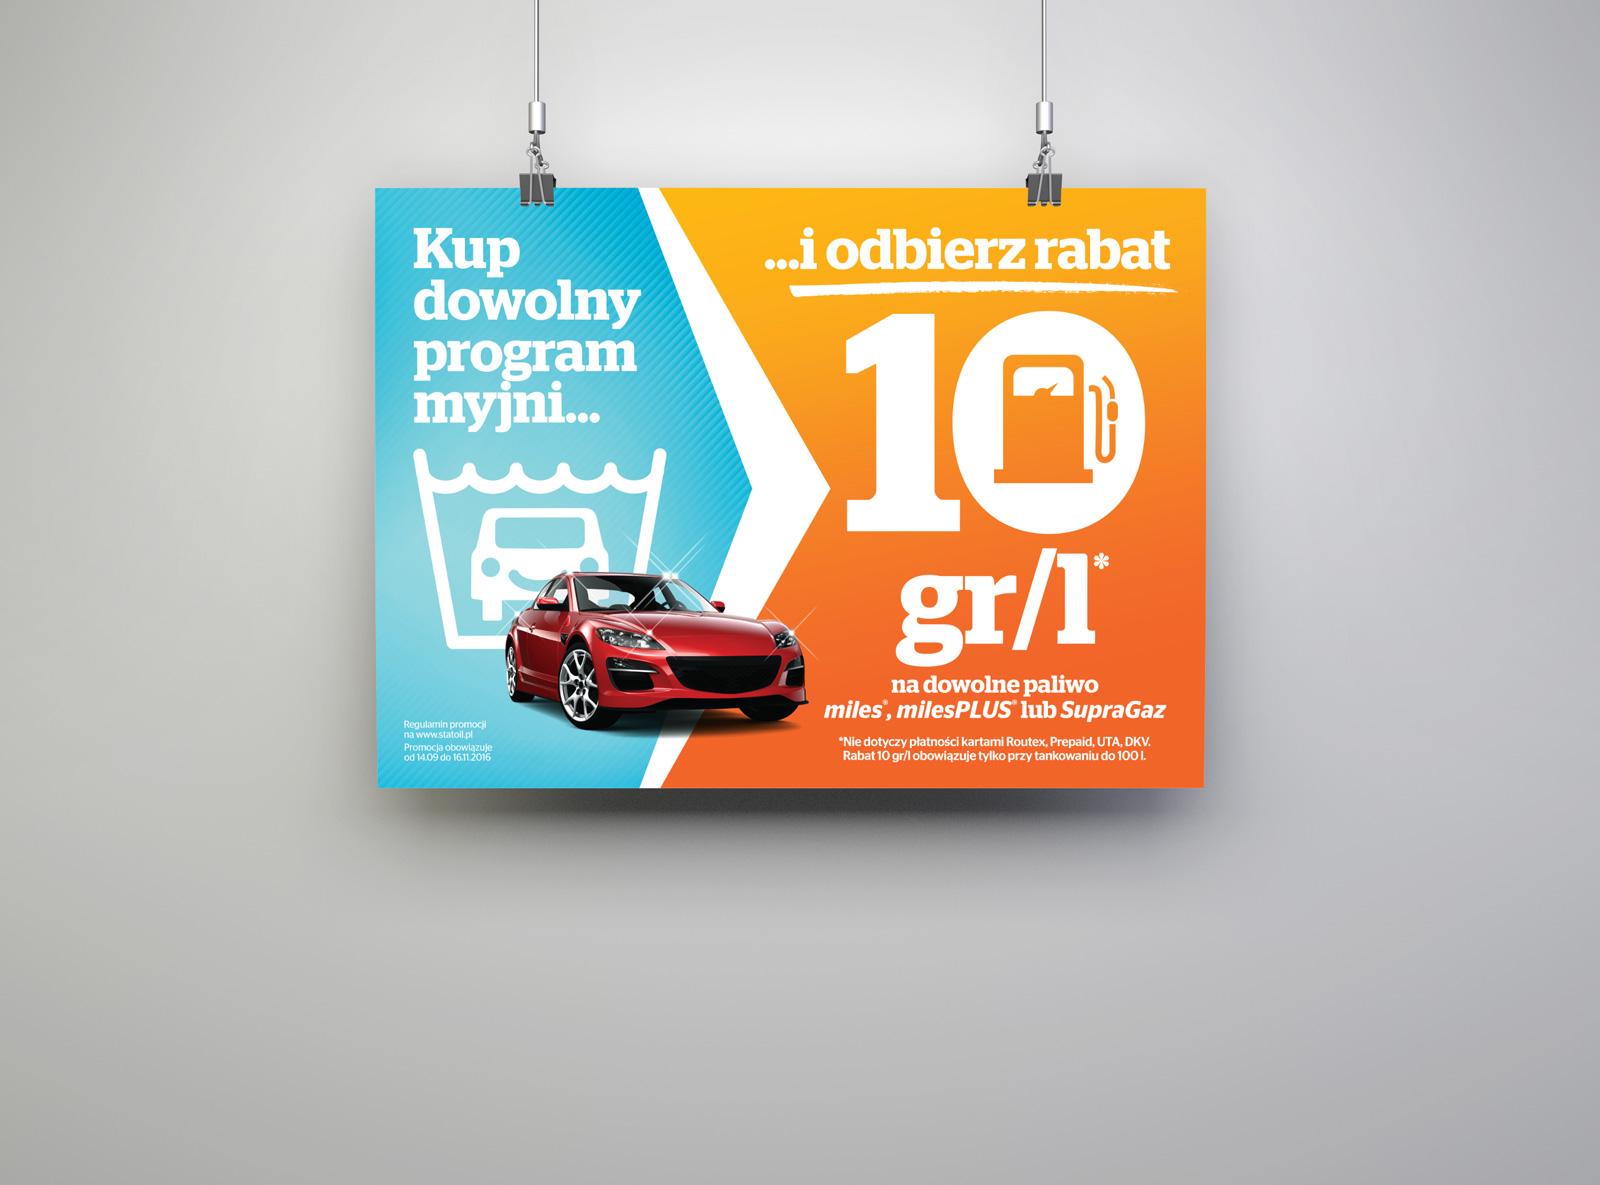 """Promocja """"Kup mycie i odbierz rabat"""" - Statoil"""